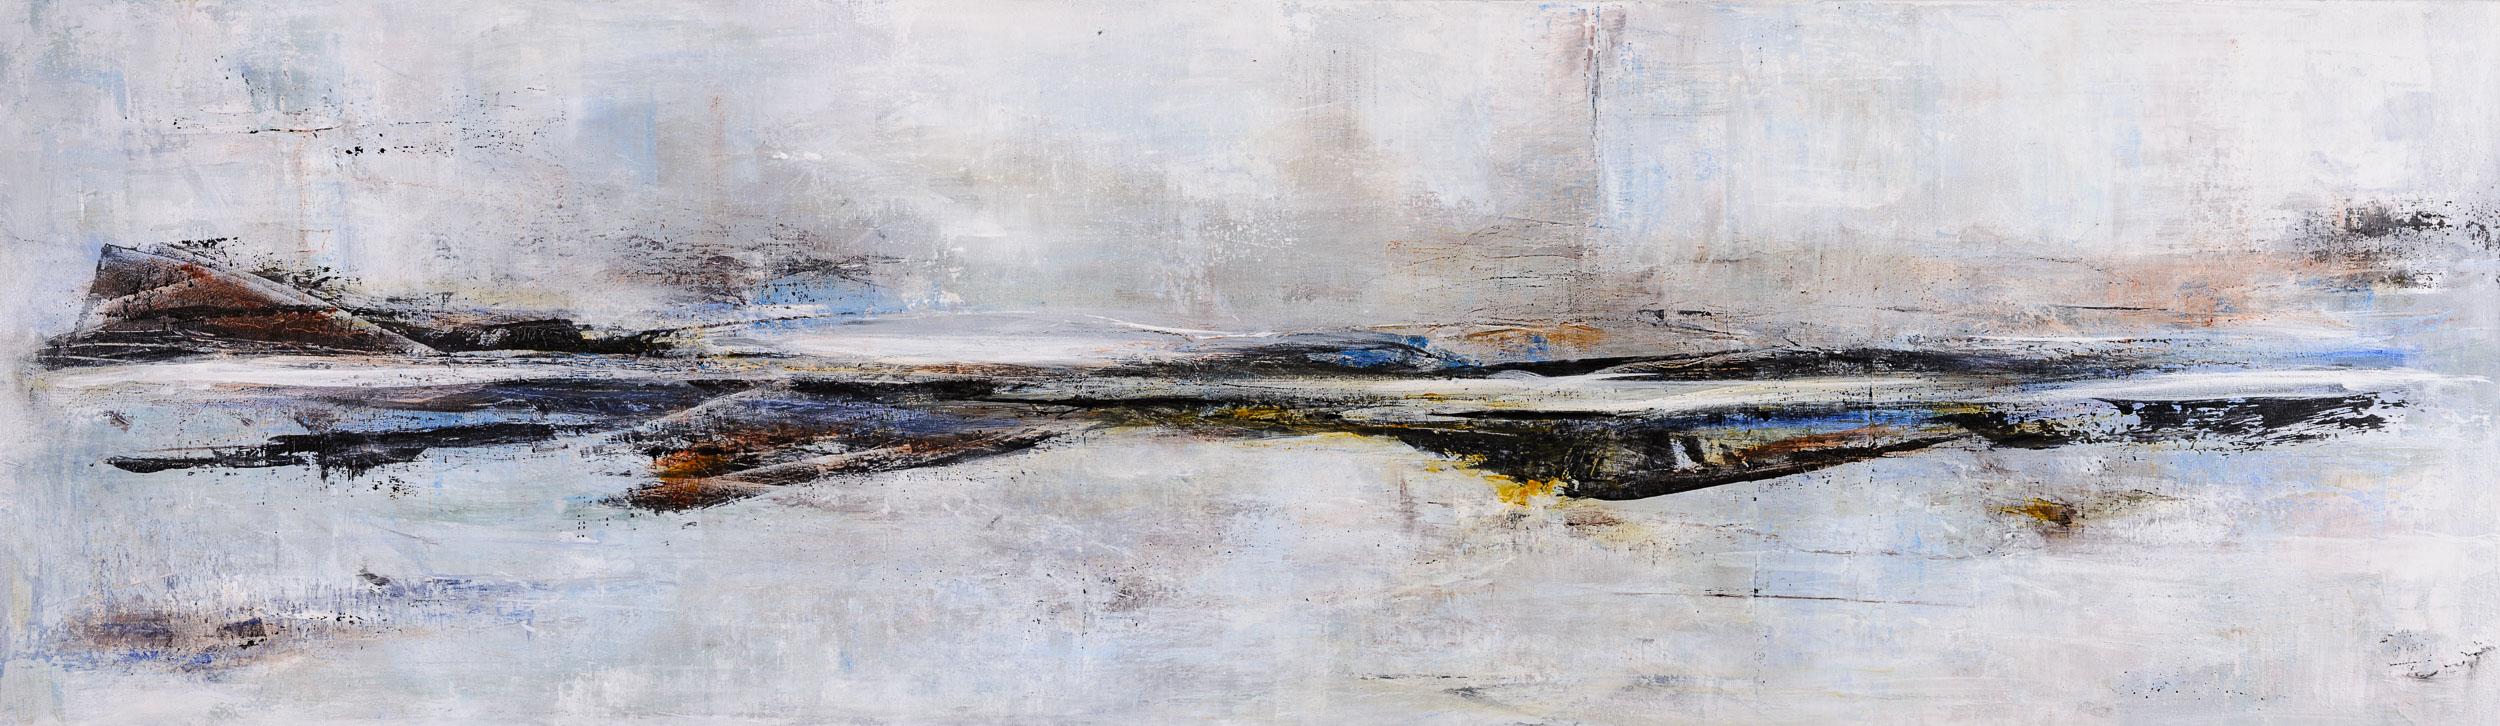 Méandres | Composition 384